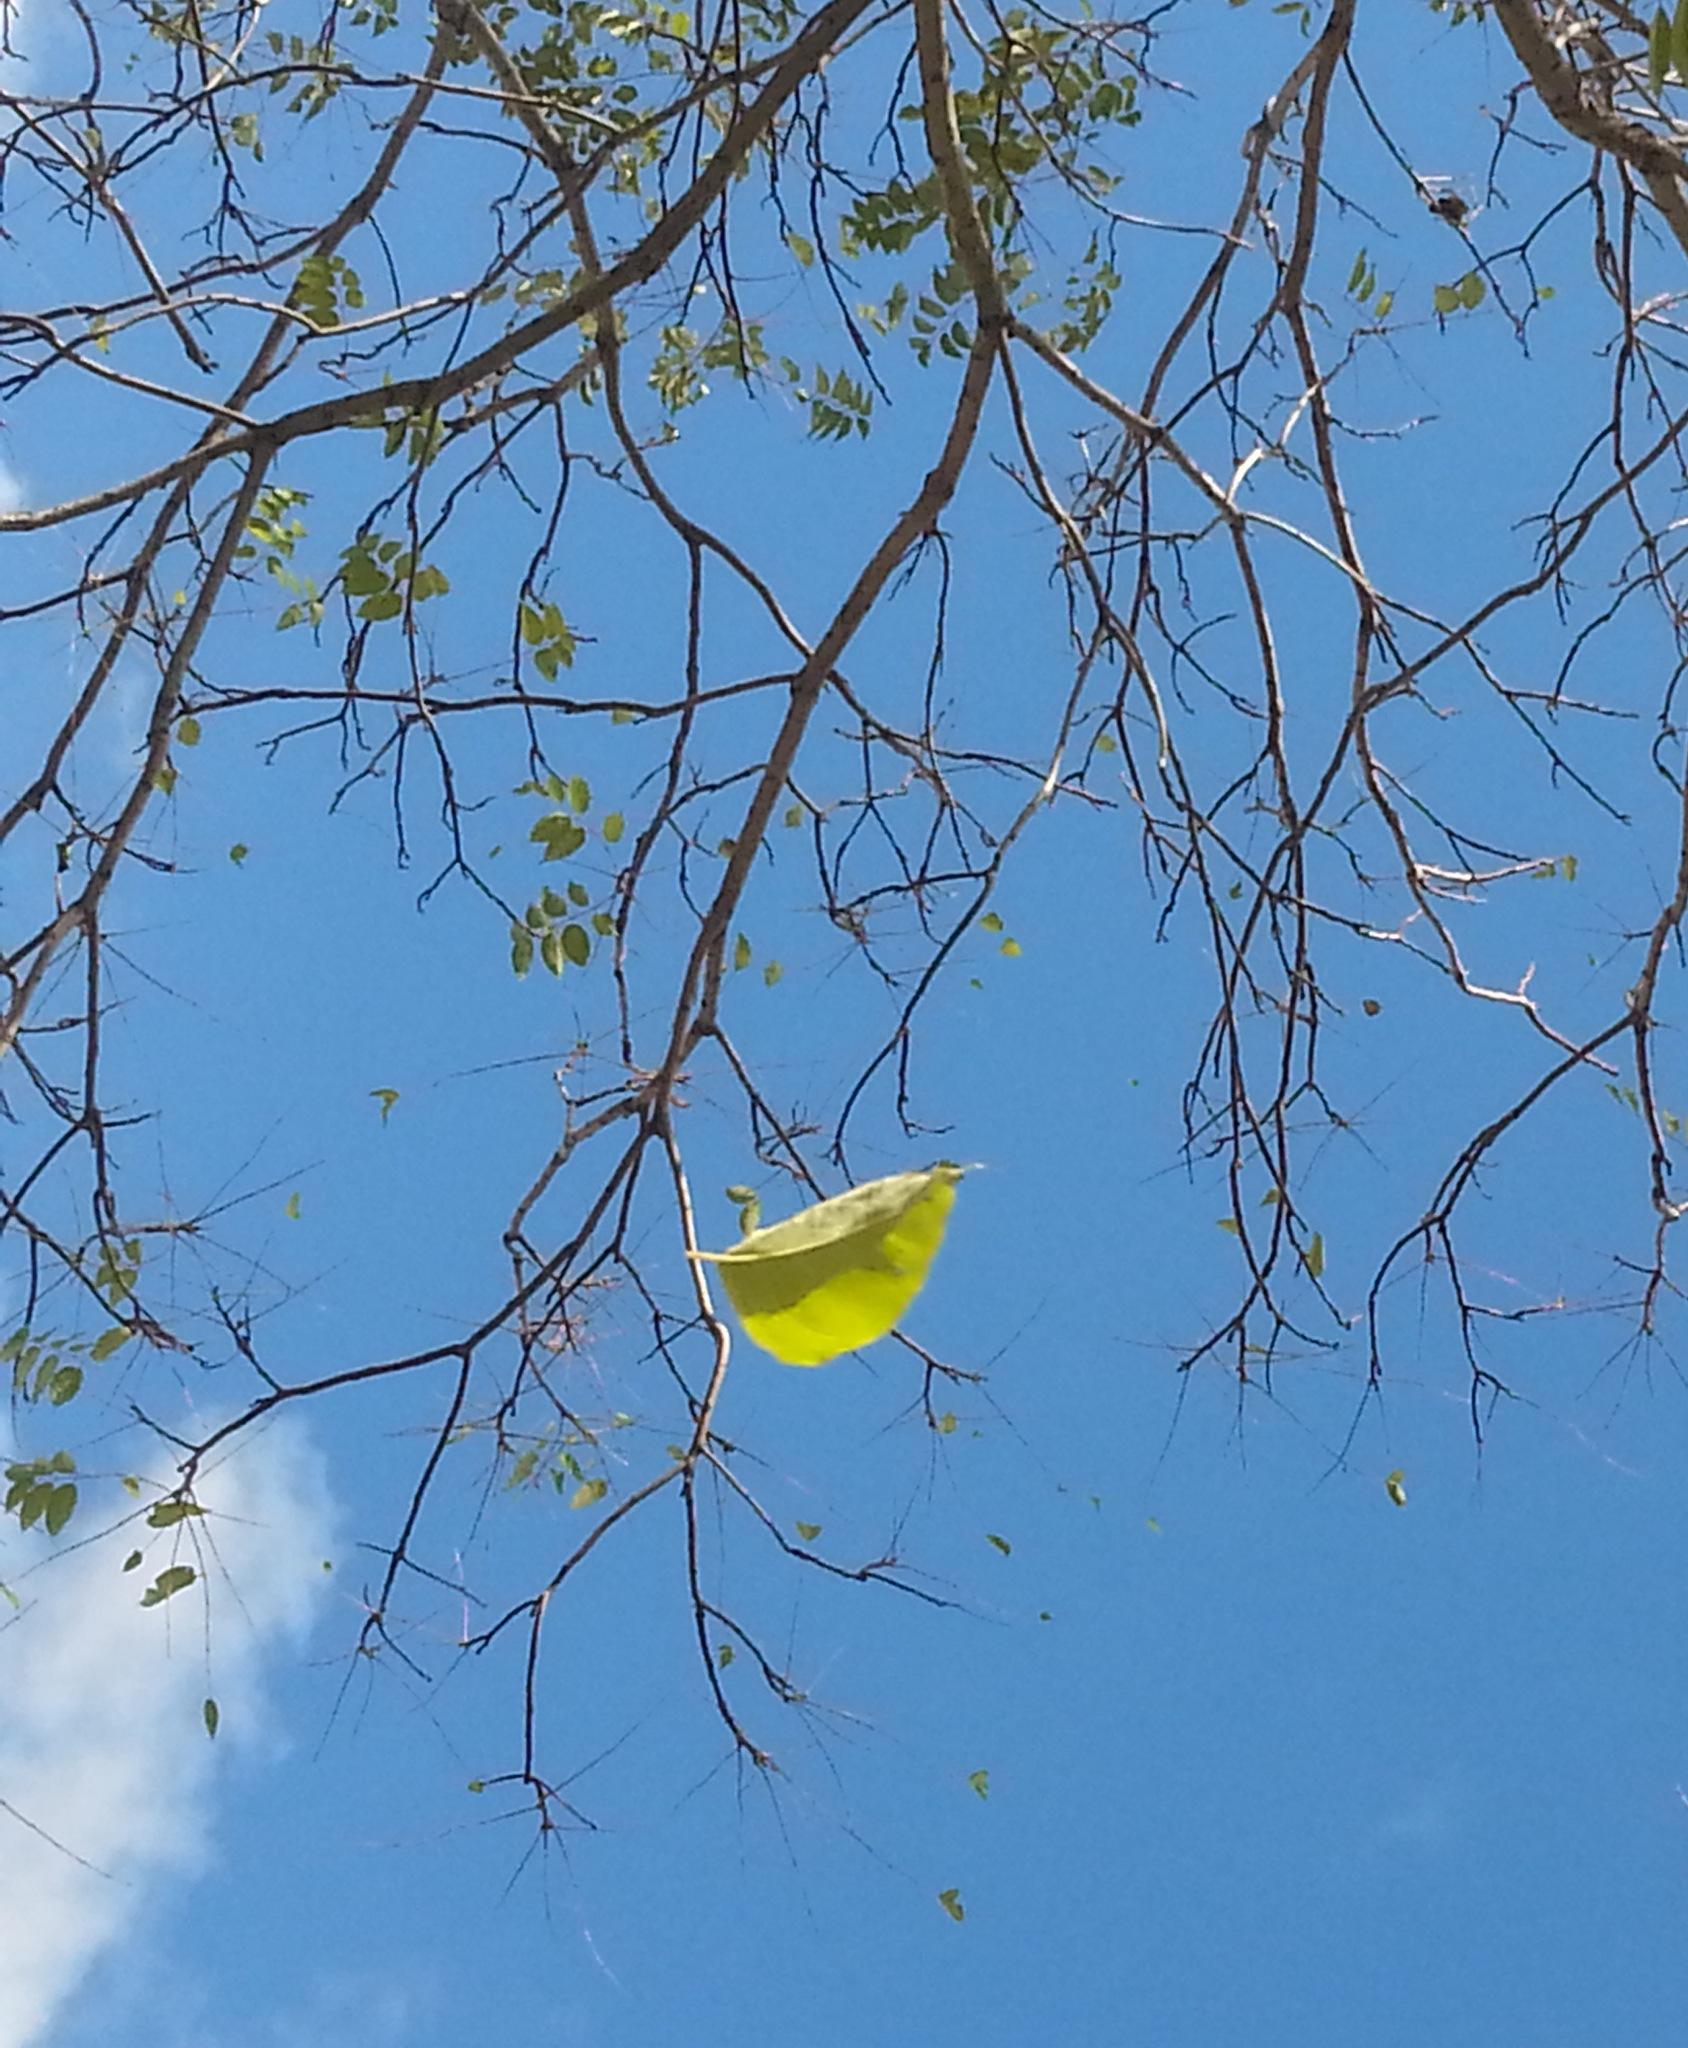 ''Rüzgarla düşen yapraklar'' by Demet Alper